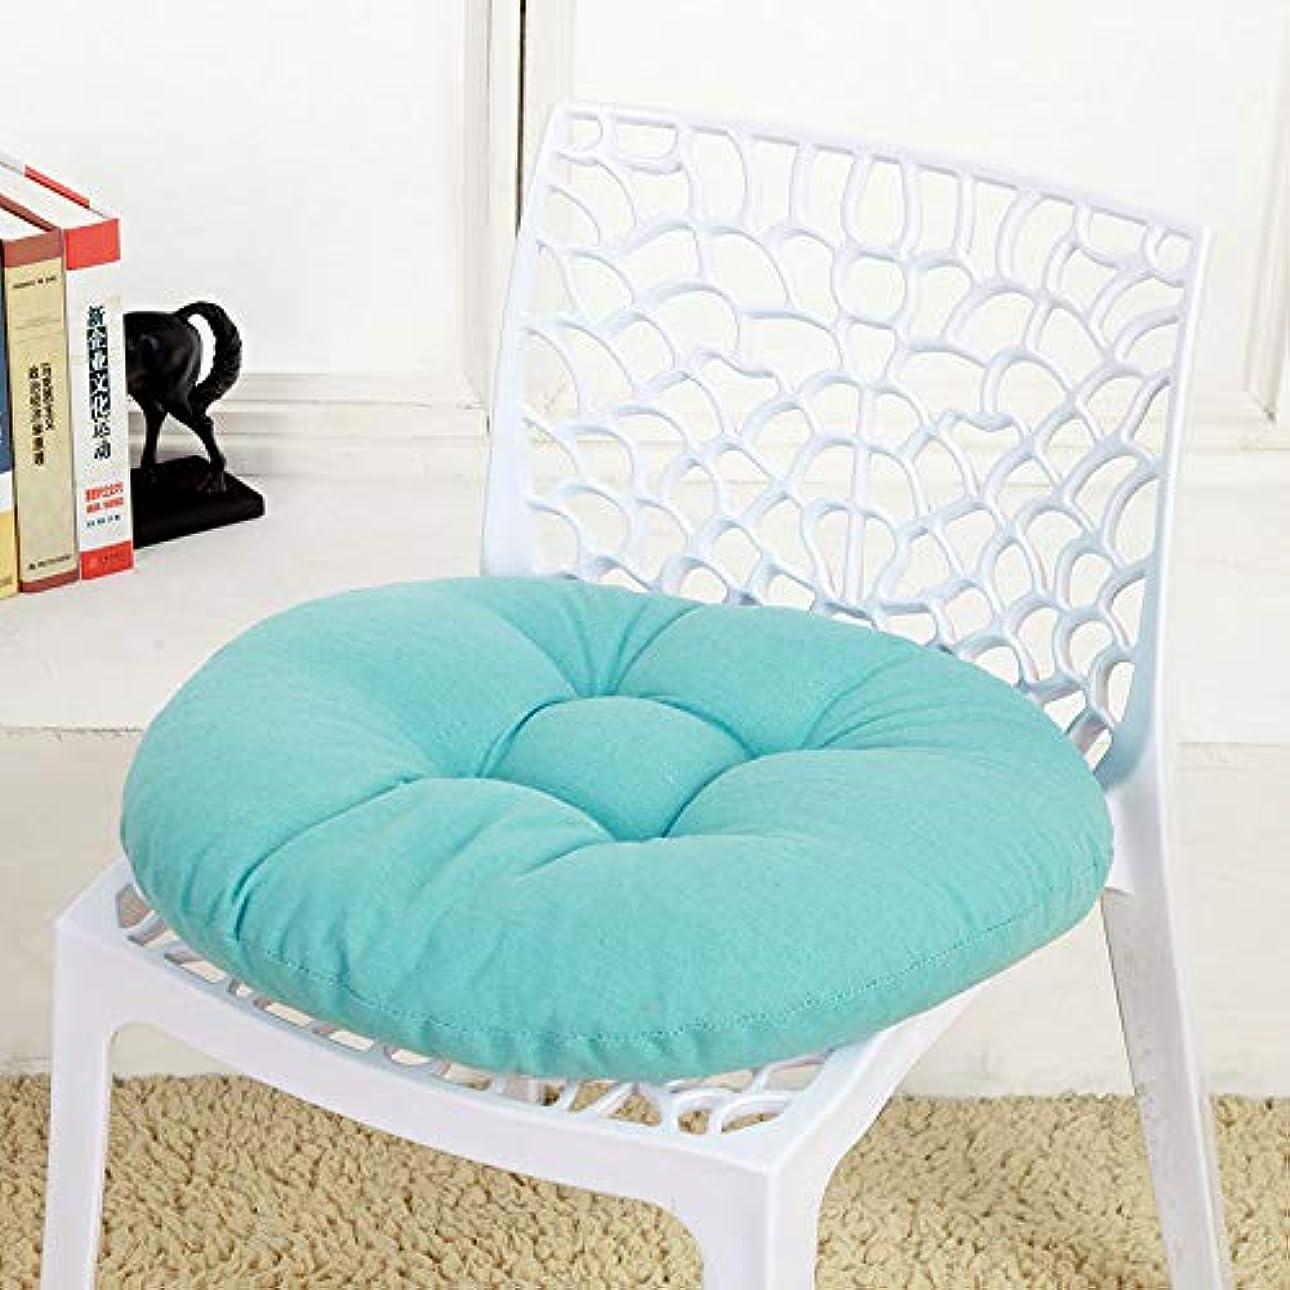 バット仕事タッチSMART キャンディカラーのクッションラウンドシートクッション波ウィンドウシートクッションクッション家の装飾パッドラウンド枕シート枕椅子座る枕 クッション 椅子